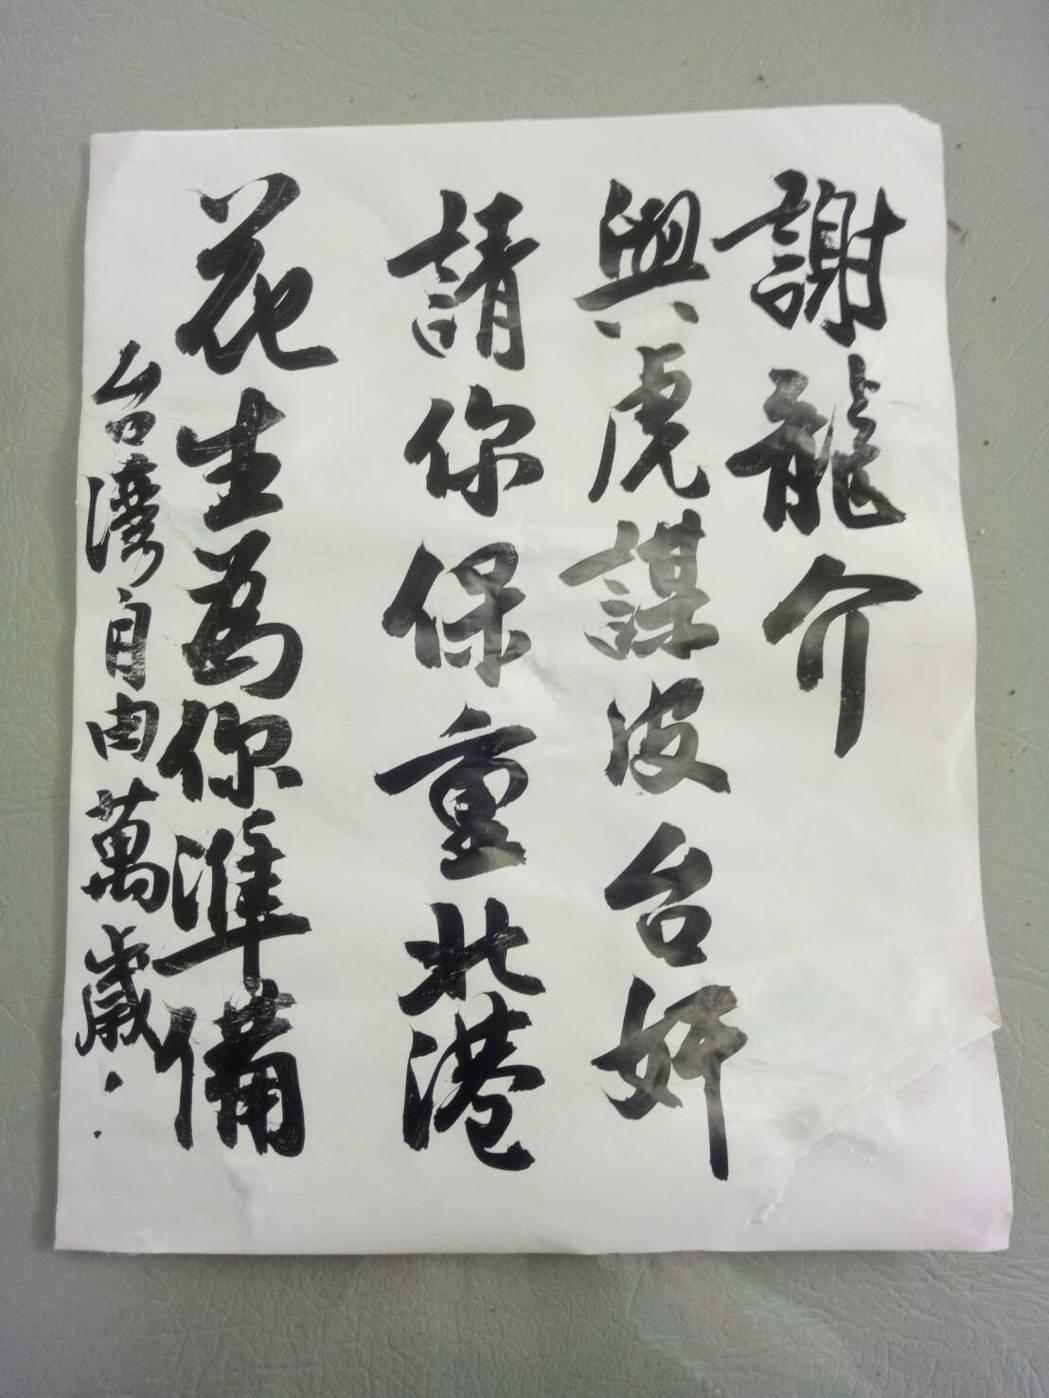 台南市議員謝龍介服務處被張貼紙條,上頭「花生」兩字,暗喻子彈,疑遭恐嚇開槍。記者...